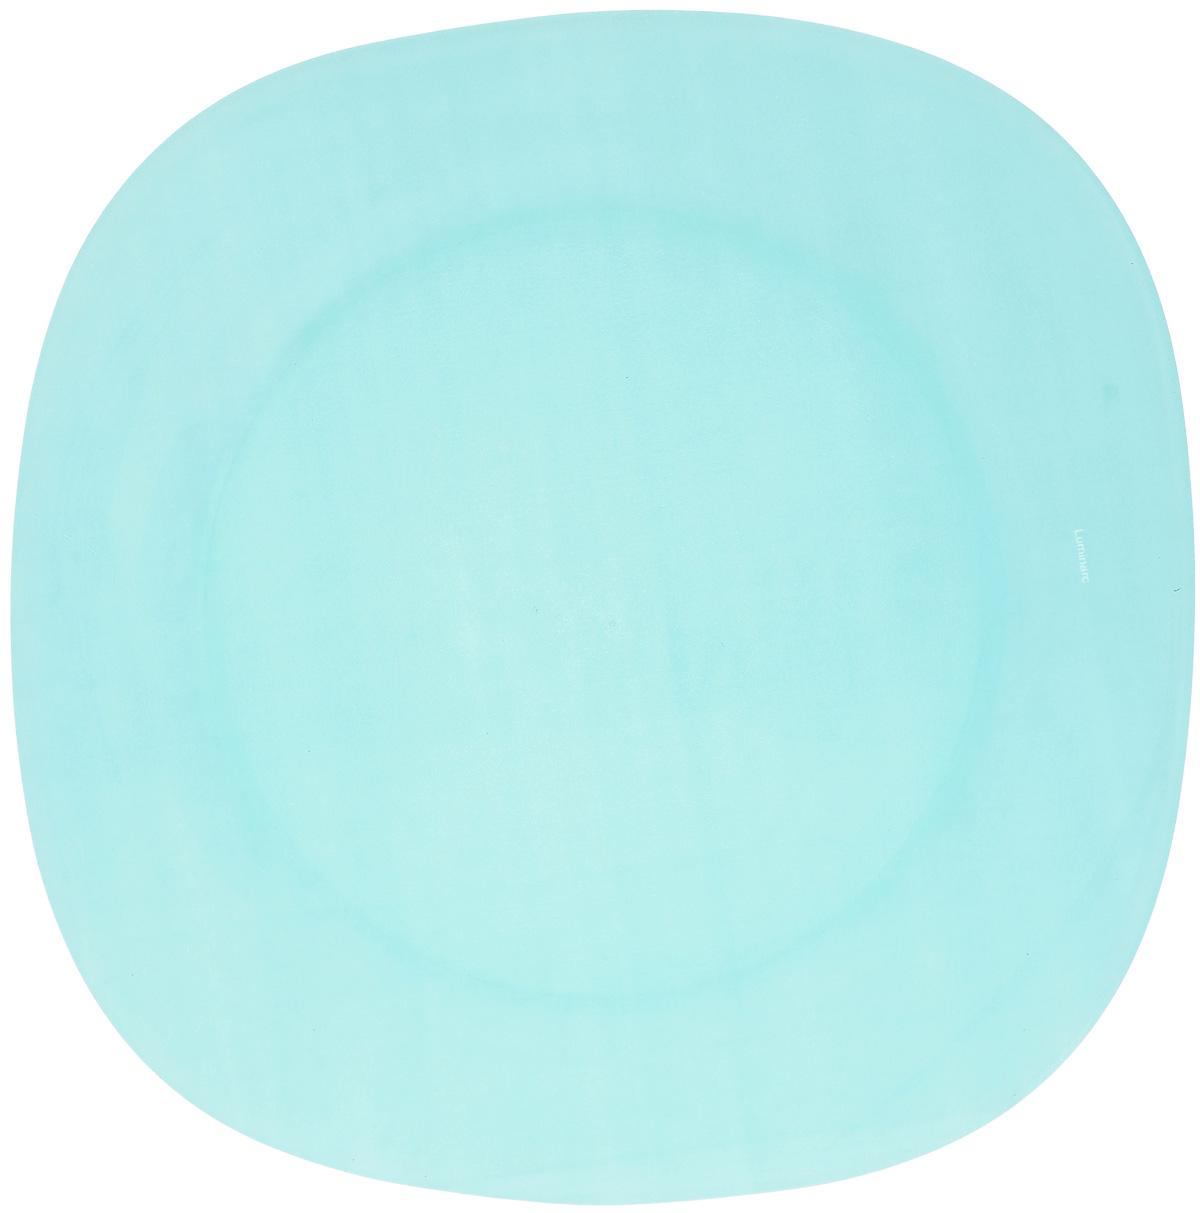 Тарелка обеденная Luminarc Colorama Blue, 25,5 х 25,5 смJ7756Обеденная тарелка Luminarc Colorama Blue, изготовленная из высококачественного стекла, имеет изысканный внешний вид. Яркий дизайн придется по вкусу и ценителям классики, и тем, кто предпочитает утонченность. Тарелка Luminarc Colorama Blue идеально подойдет для сервировки вторых блюд из птицы, рыбы, мяса или овощей, а также станет отличным подарком к любому празднику. Размер тарелки (по верхнему краю): 25,5 х 25,5 см.